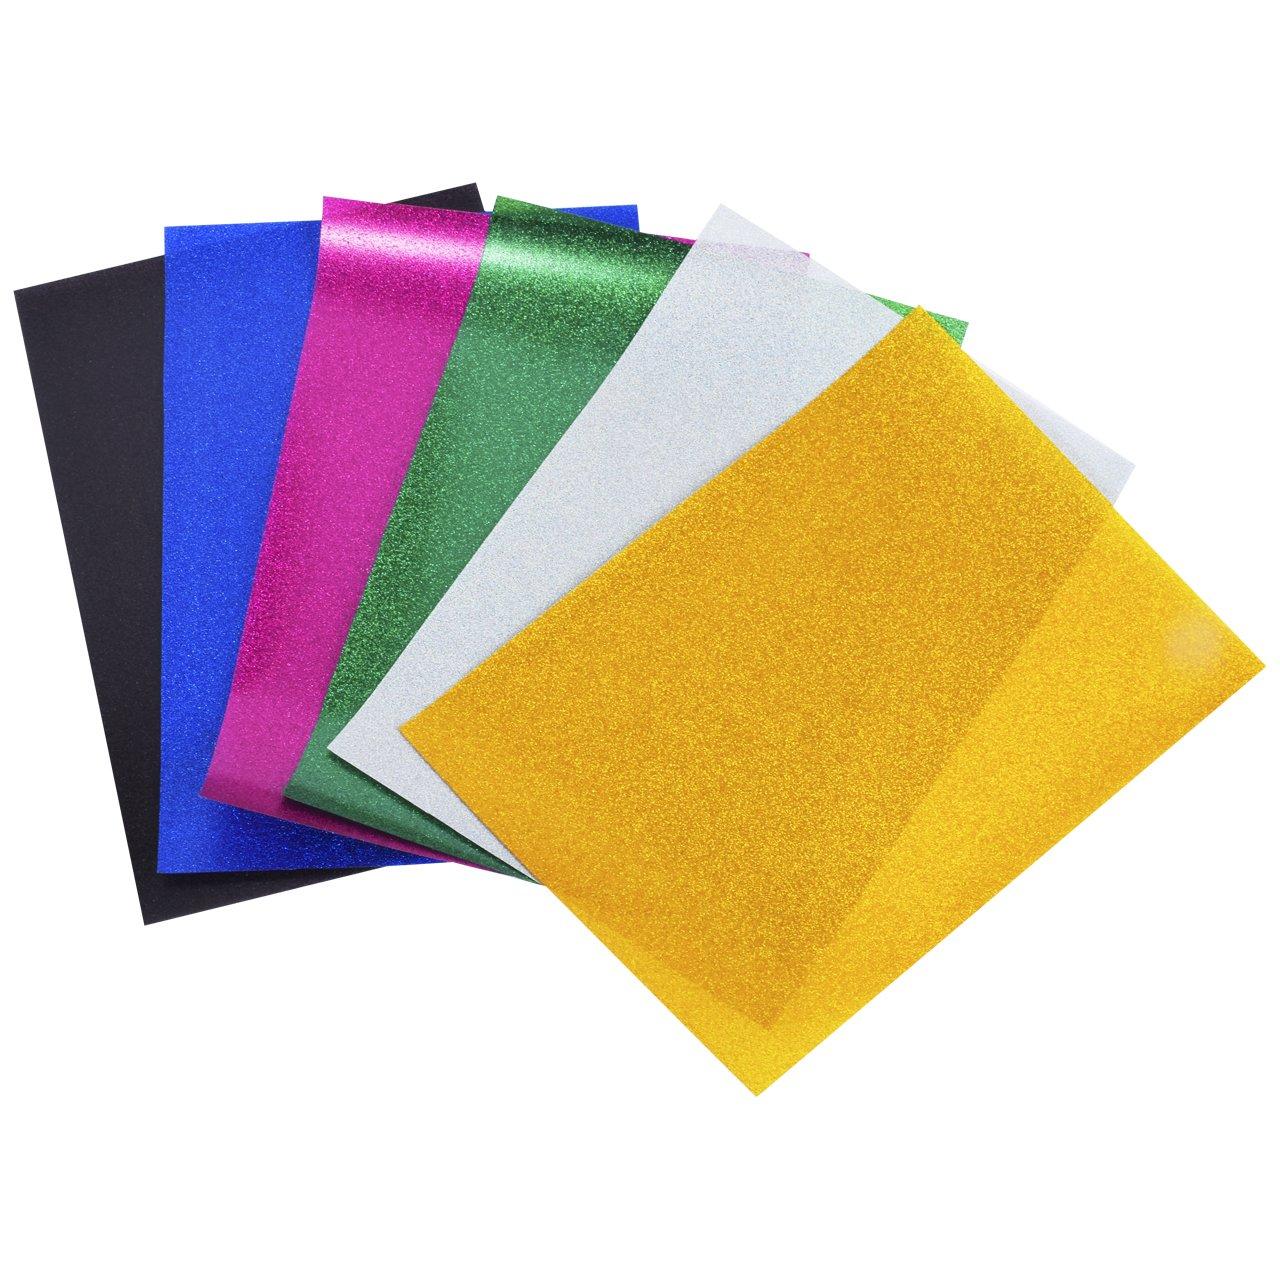 Glitzer Textilfolie, Magiin 6 Blatt Transferpapier Transferfolie Vinylfolien für Textilien DIY A4 Größe in 6 Farben Schwarz Rosa Blau Grün Gelb Weiß